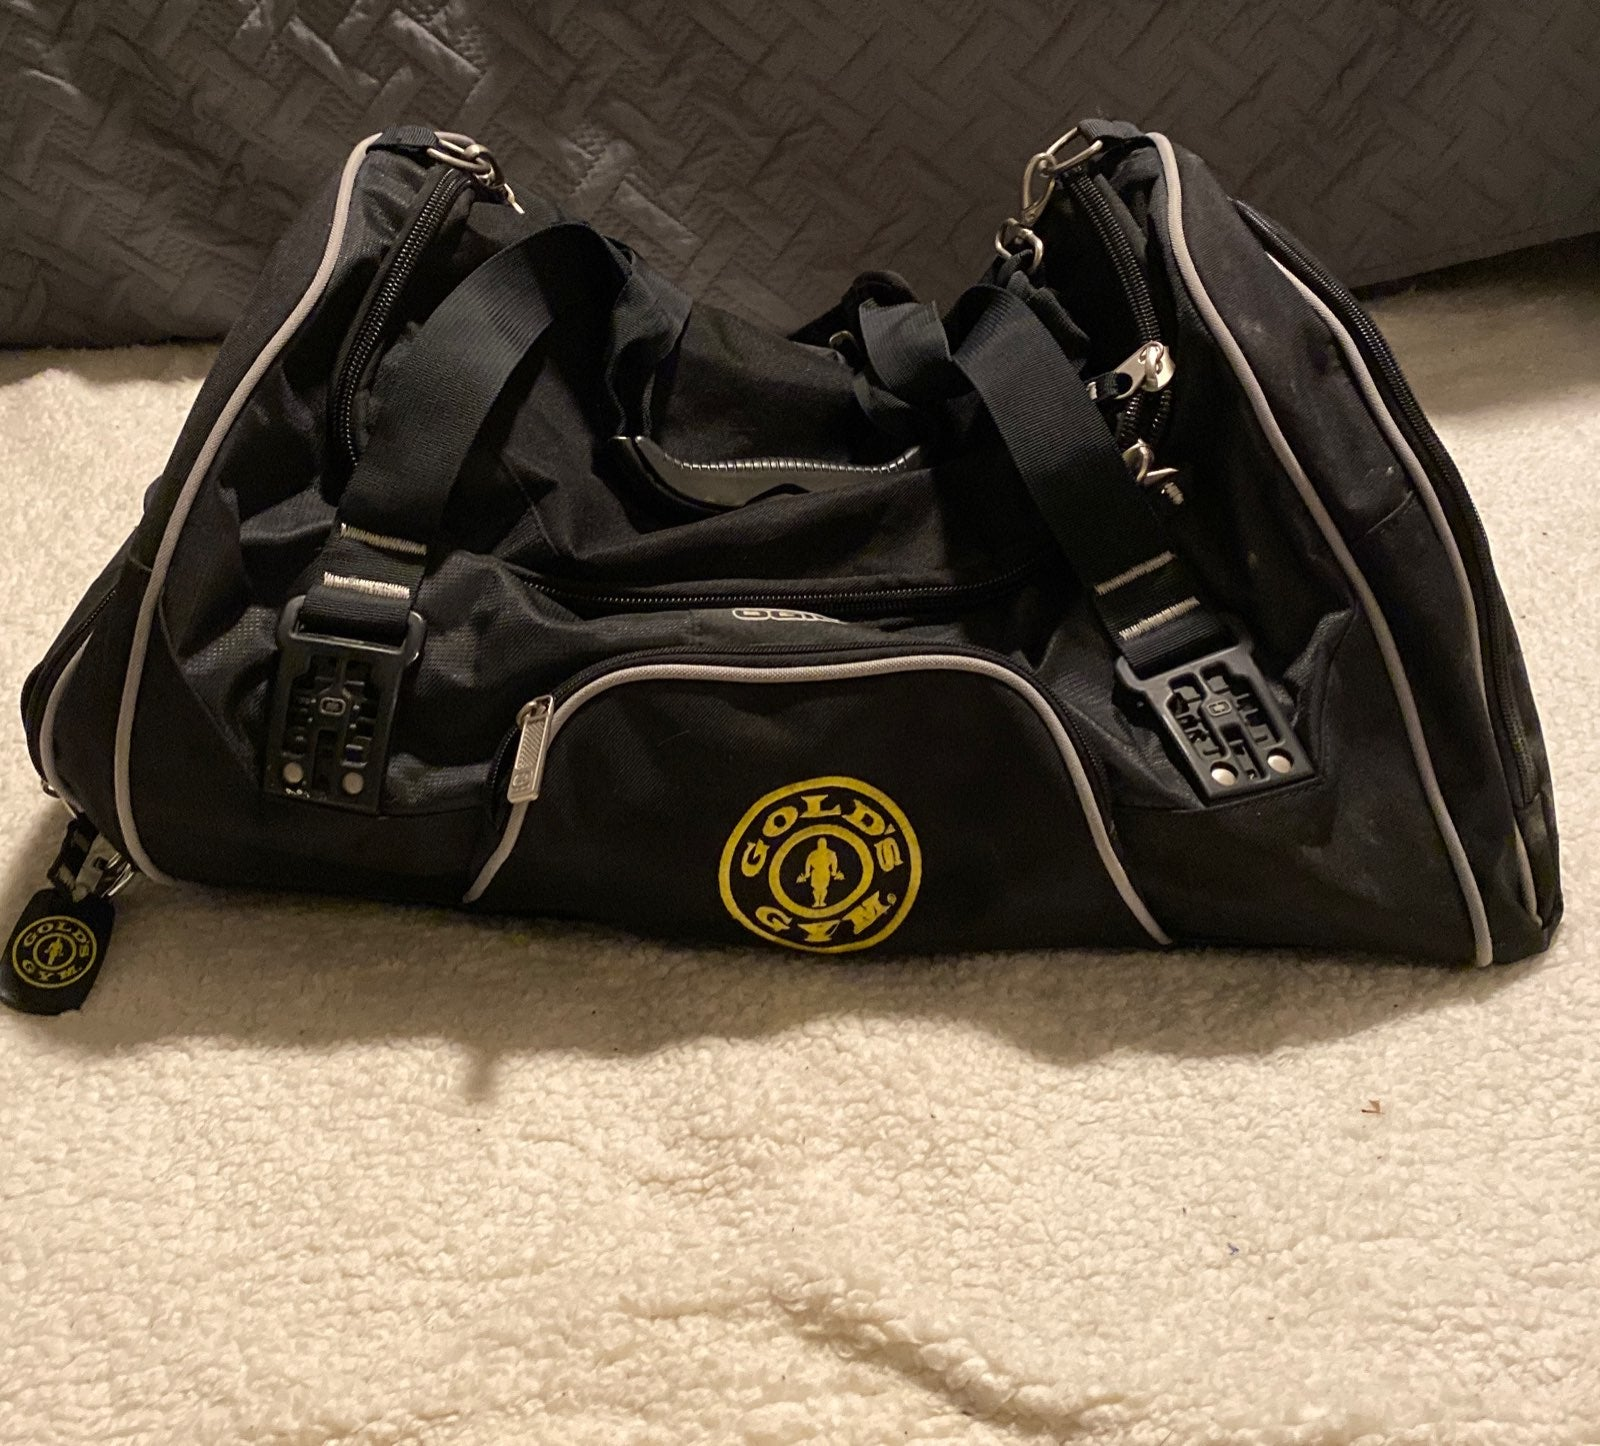 Gym Bag - Gold's Gym - Rage by OGIO